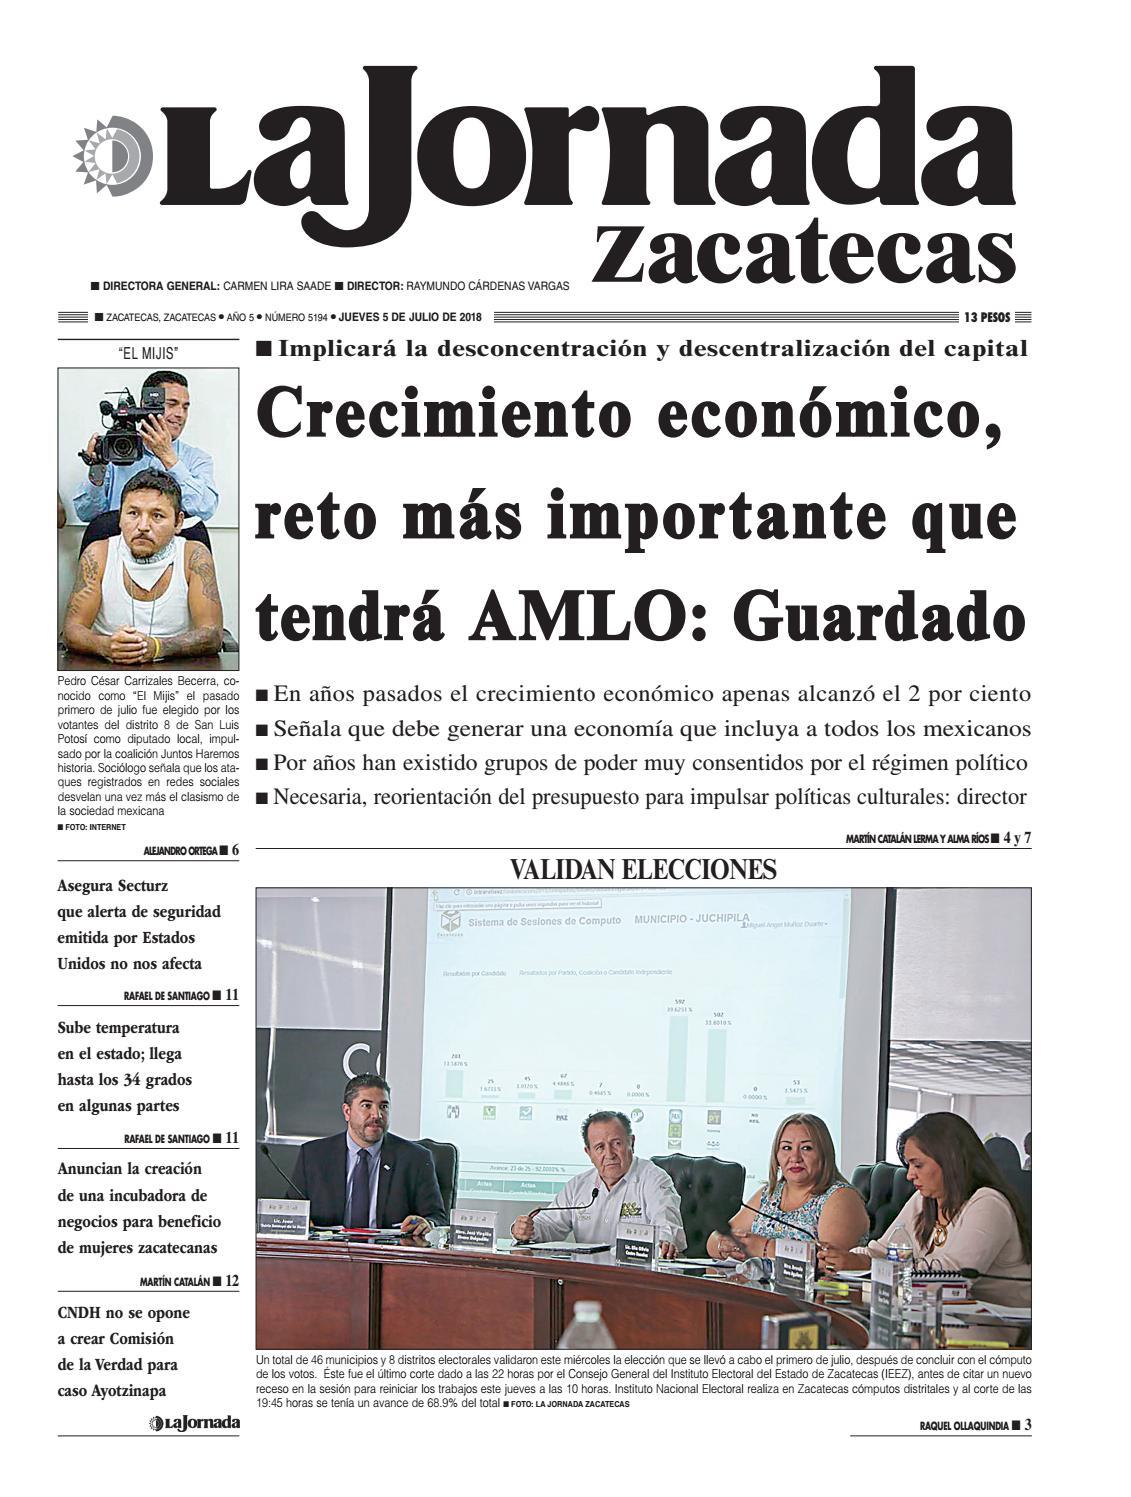 La Jornada Zacatecas Jueves 05 de Julio de 2018 by La Jornada ...